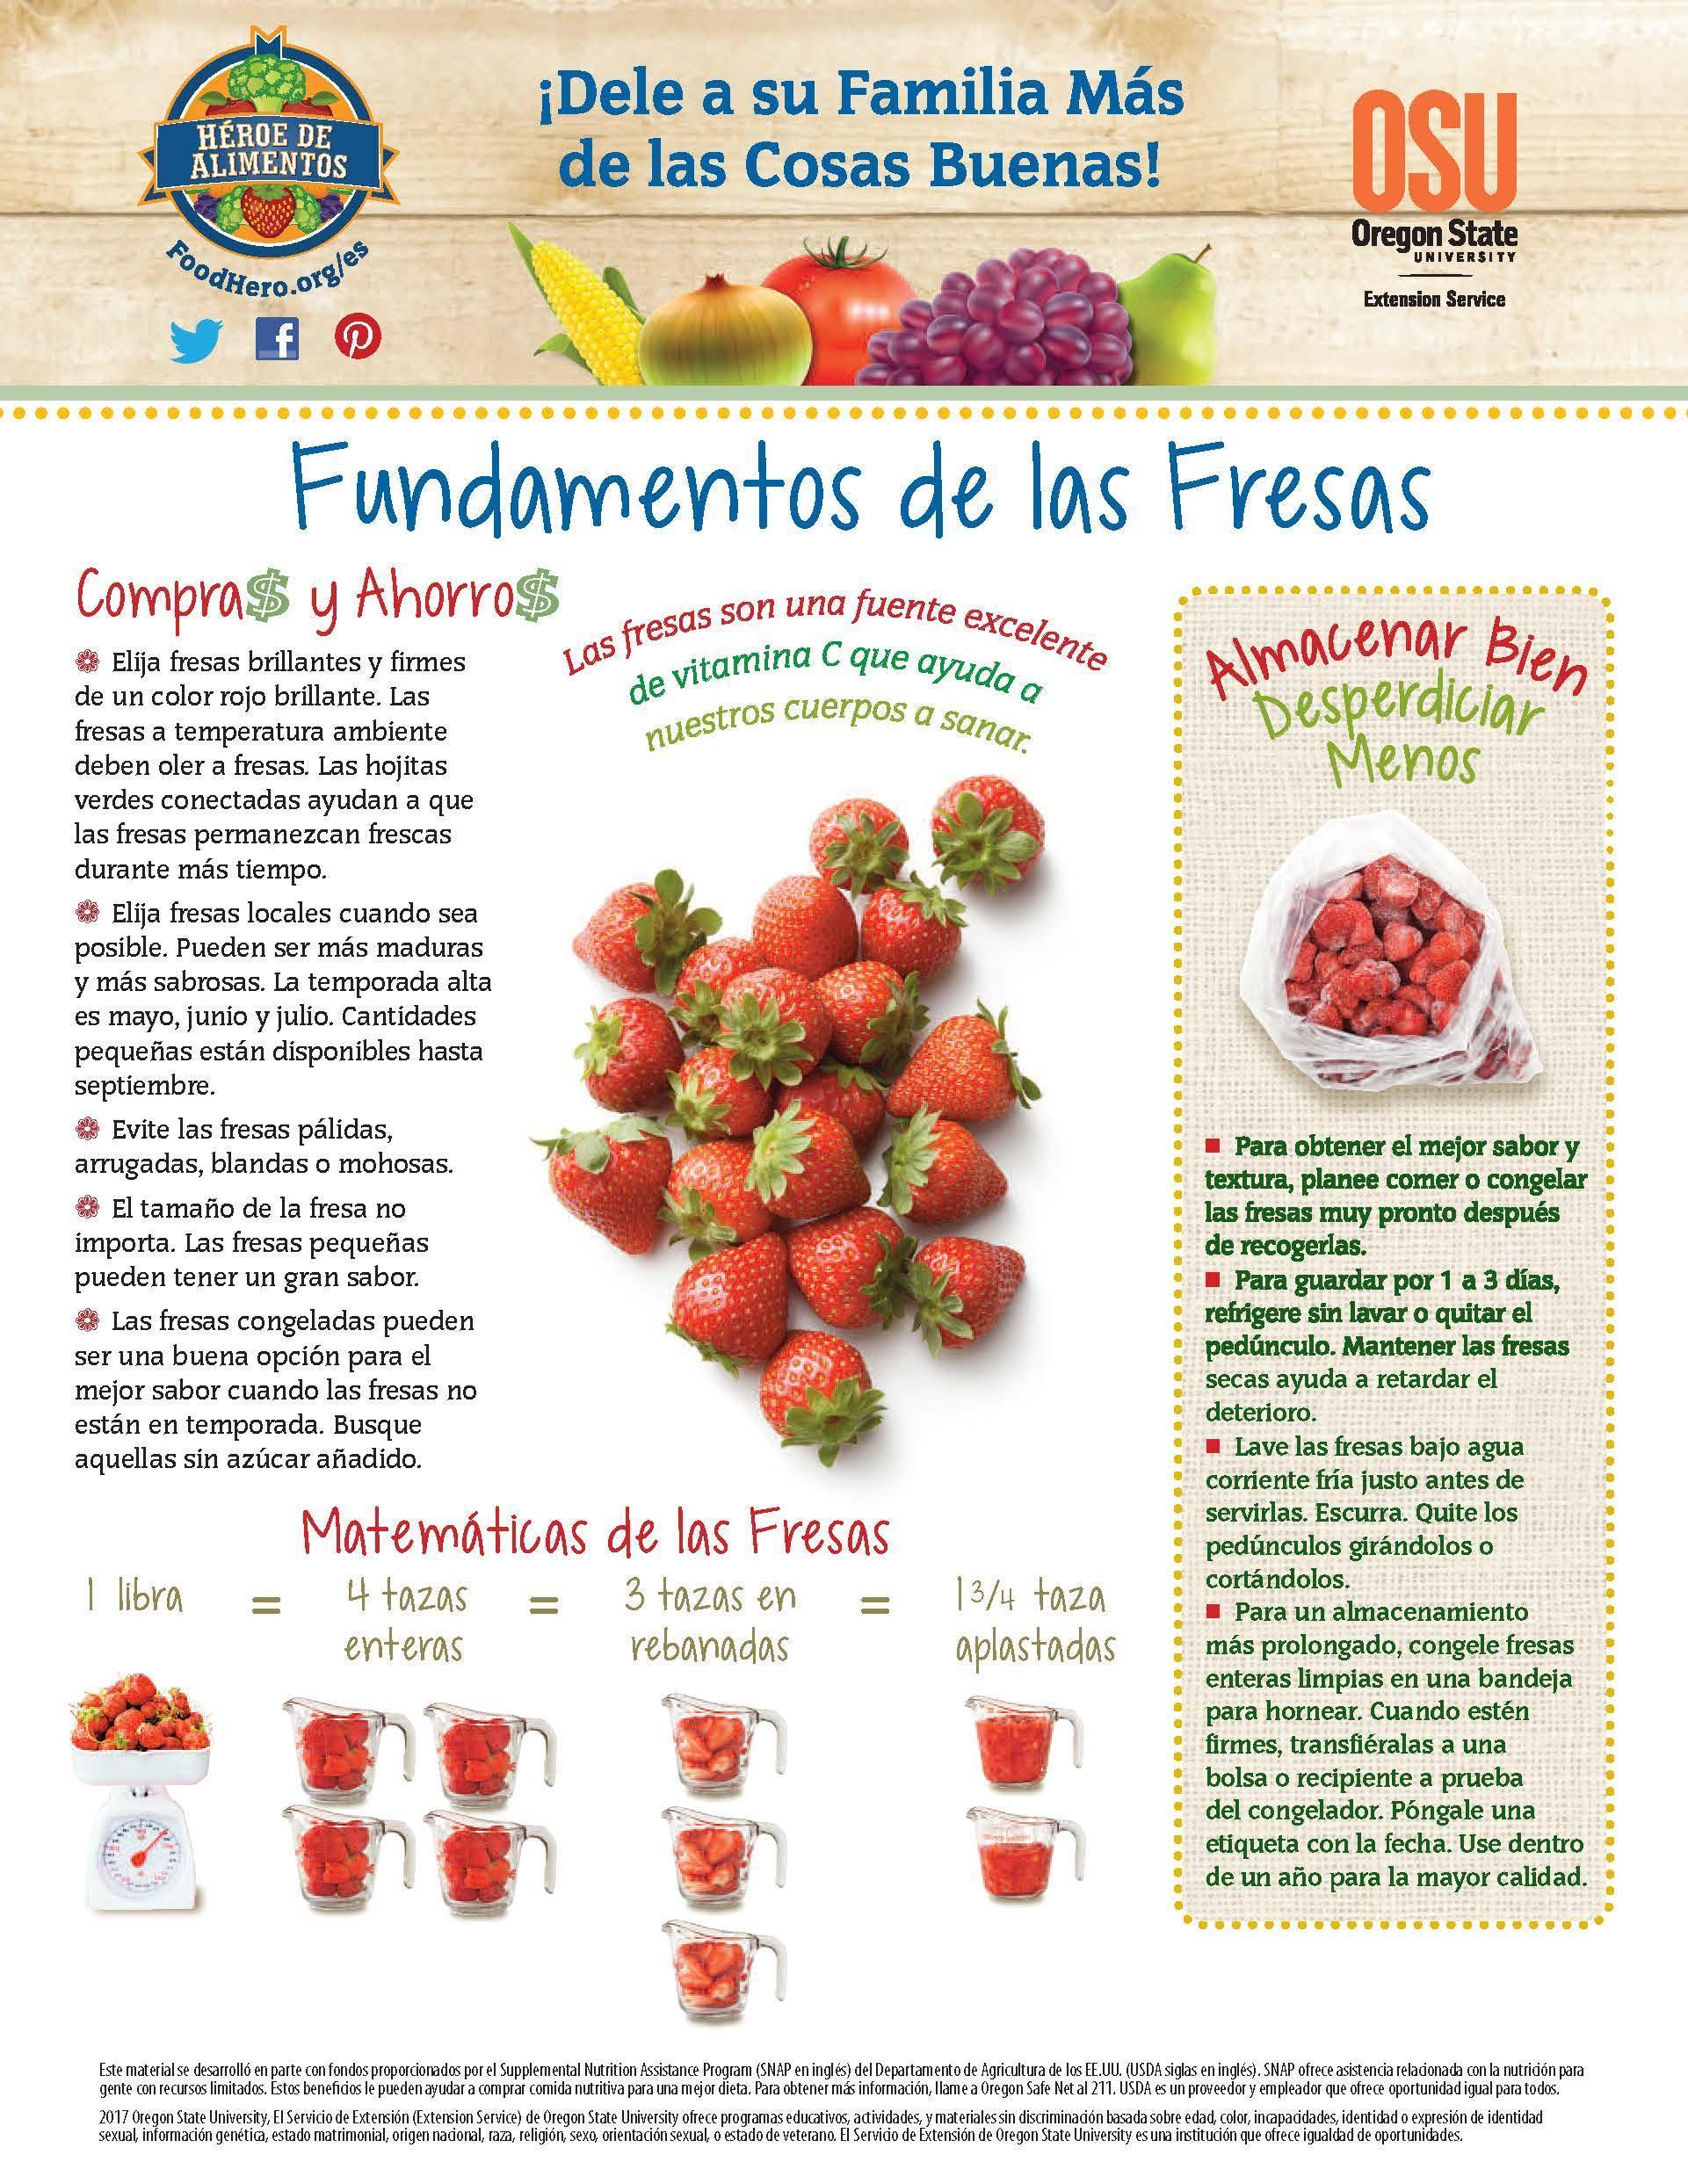 Fresas - Compras y Ahorros